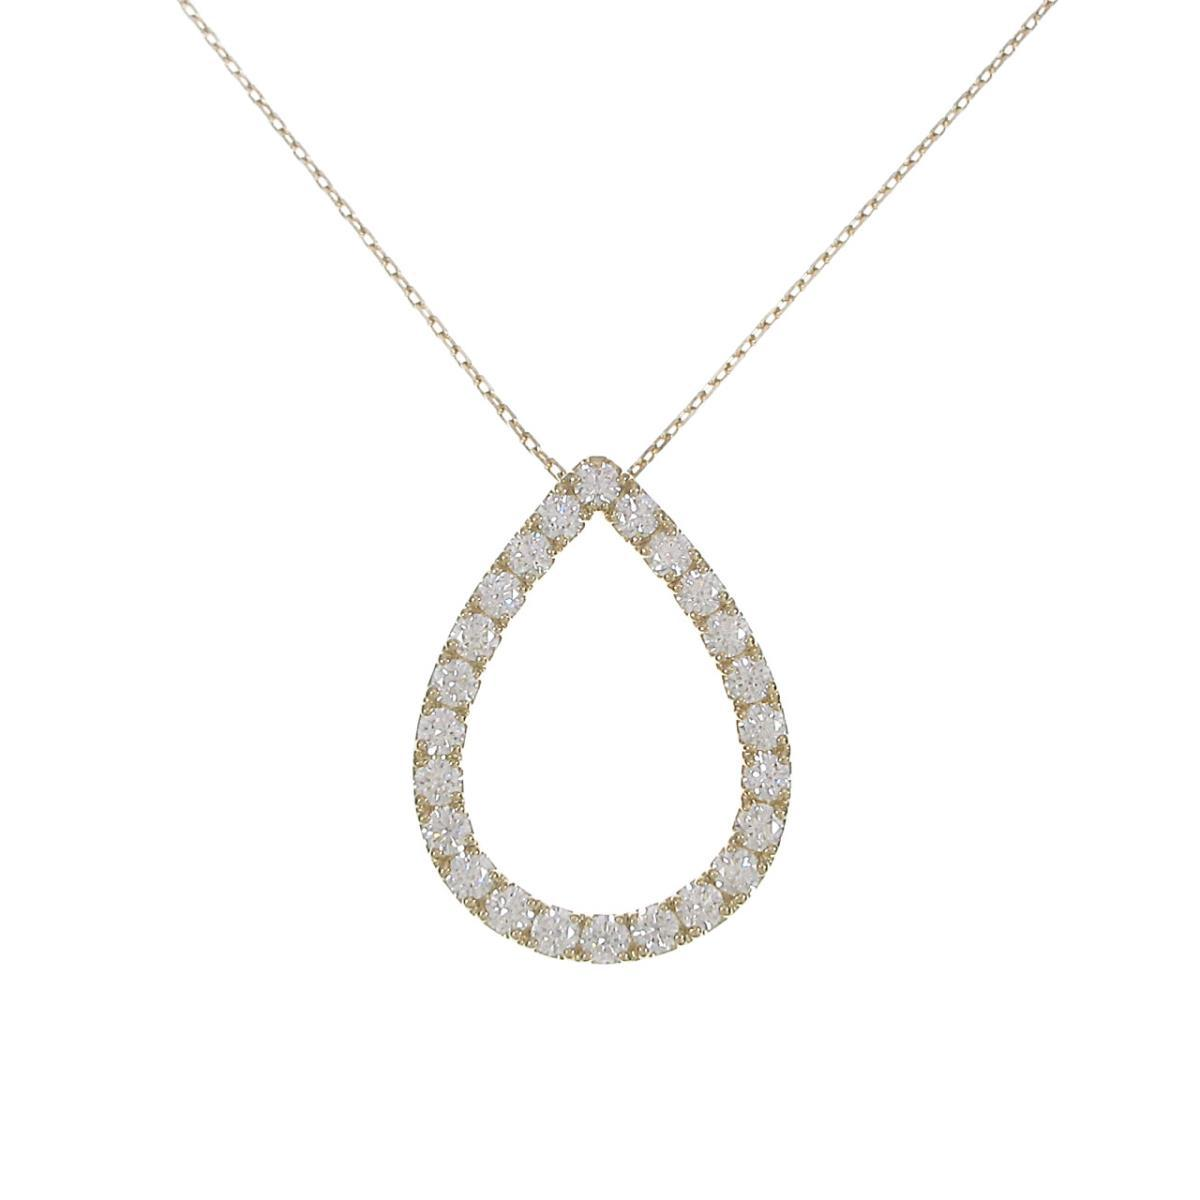 【新品】K18YGダイヤモンドネックレス 2.048ct・E・VVS1-SI1・VG【新品】